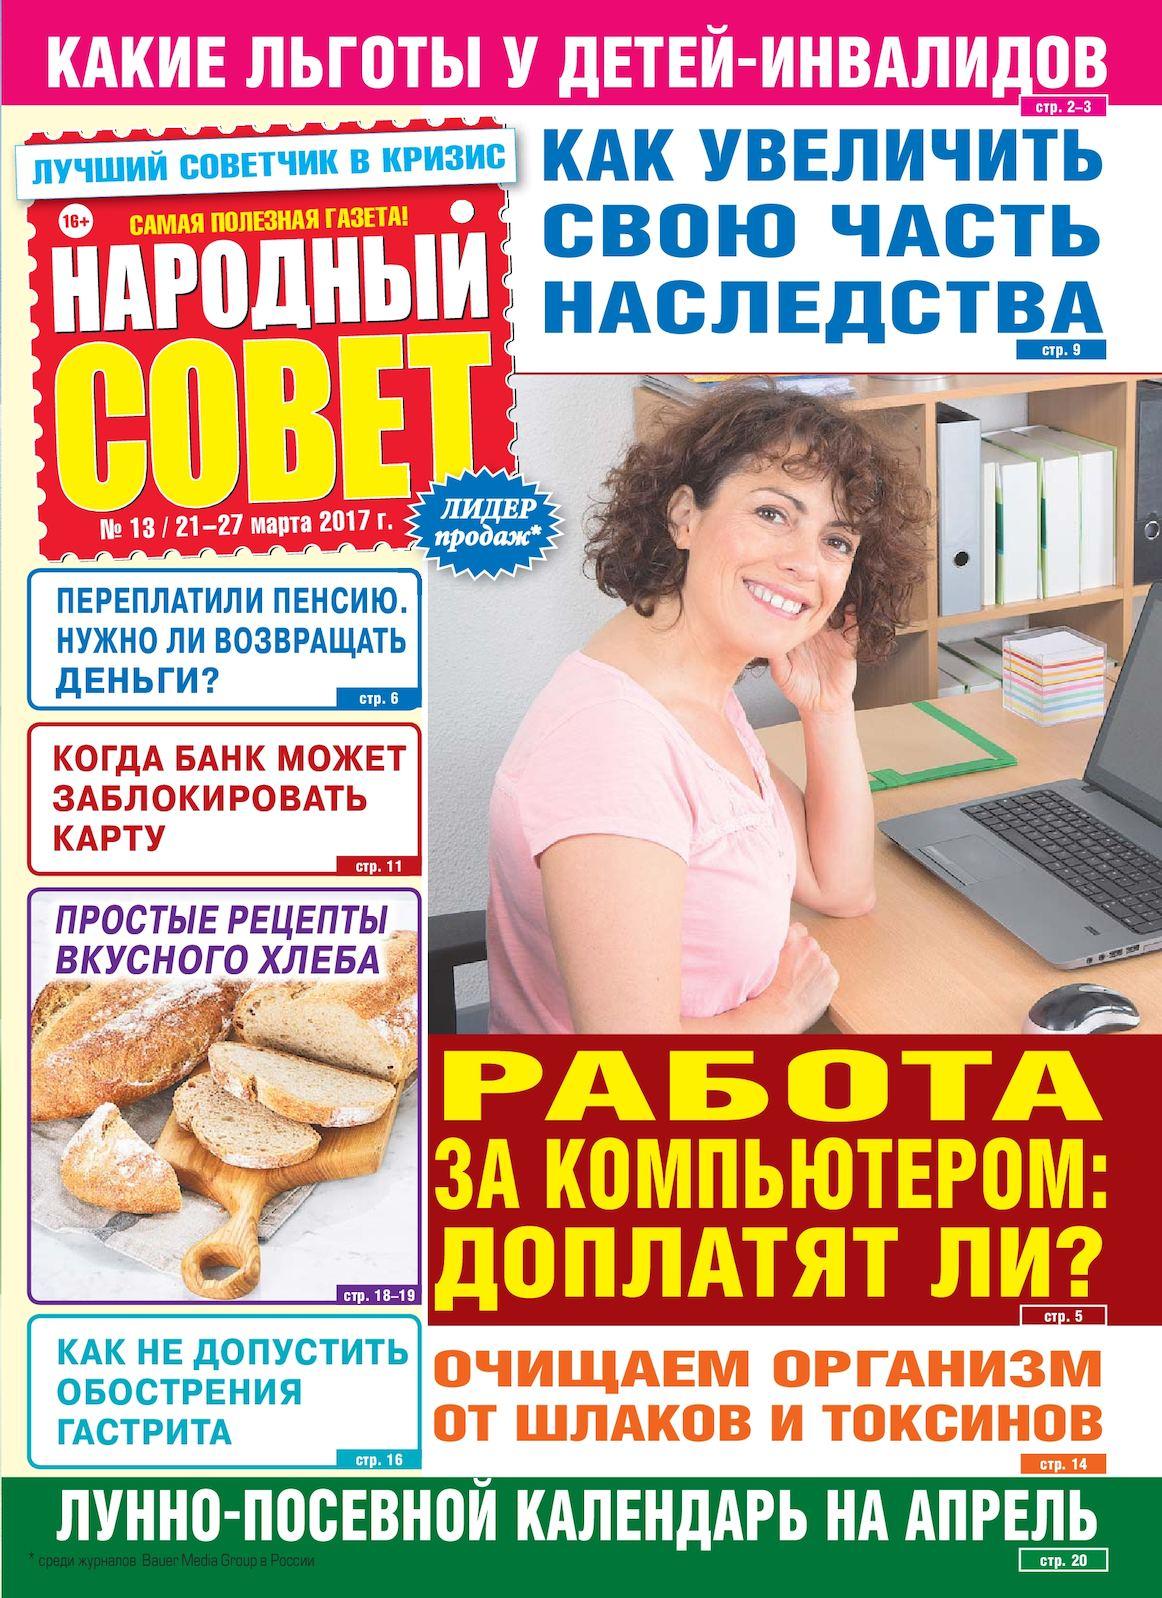 Купить справку 2 ндфл Марии Ульяновой улица образец письма в налоговую о нулевом 6 ндфл